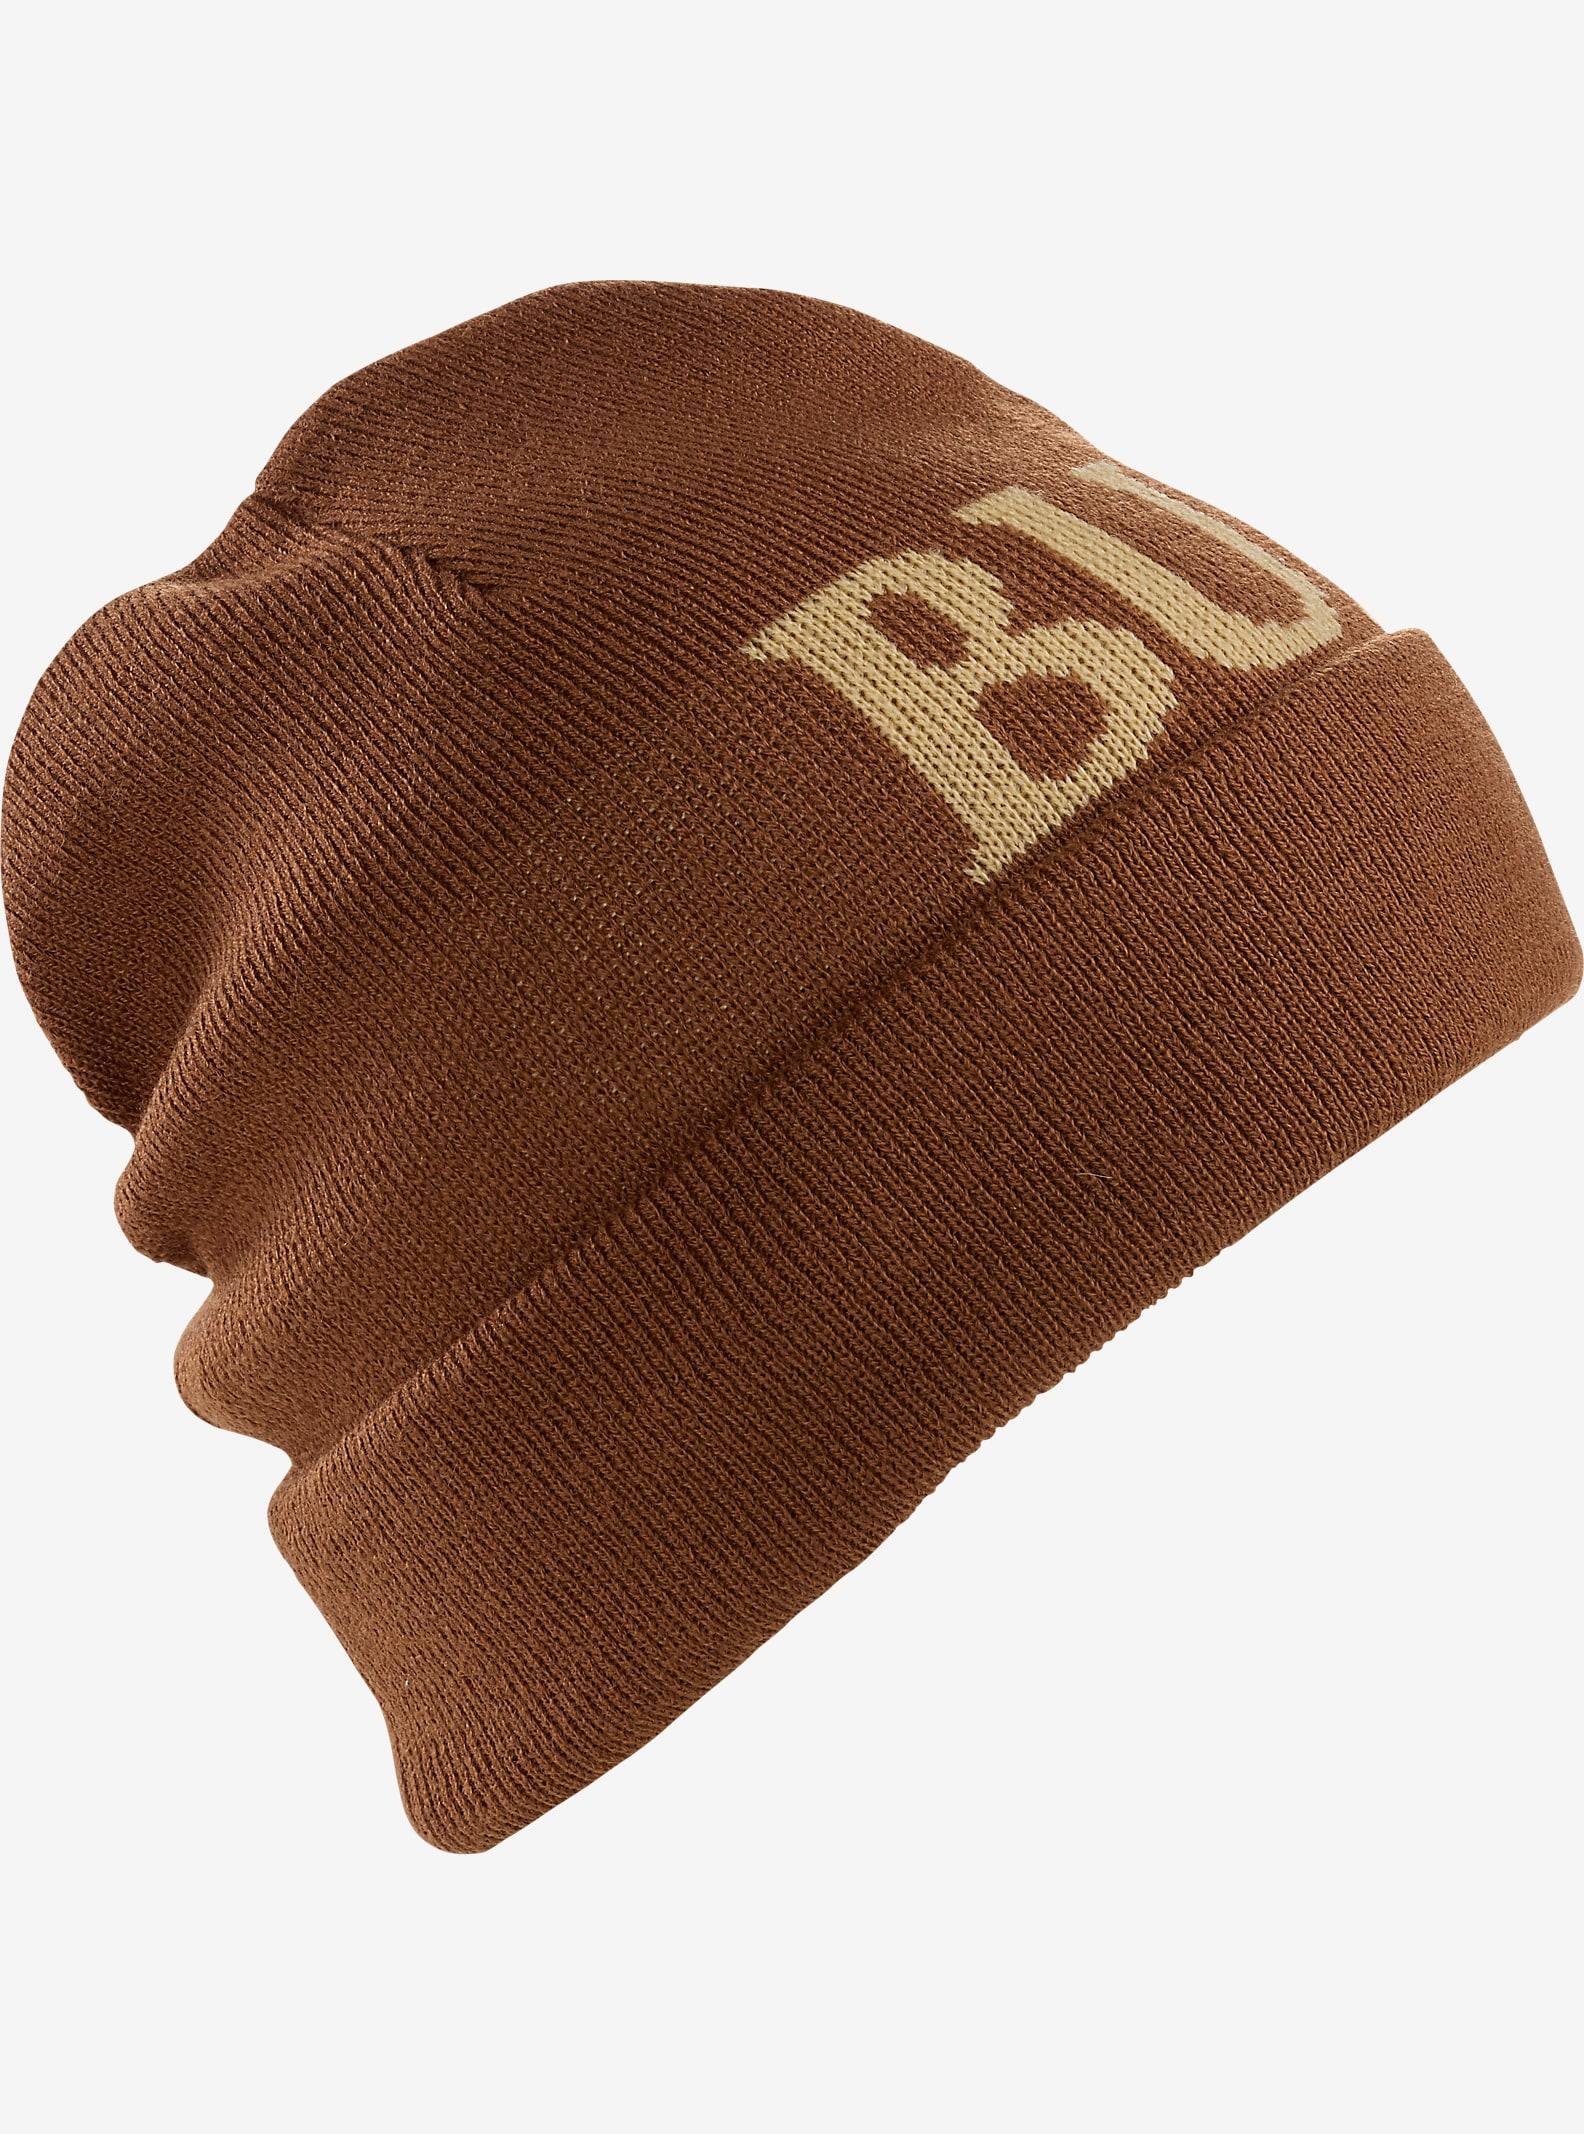 Burton Duxbury Mütze angezeigt in True Penny